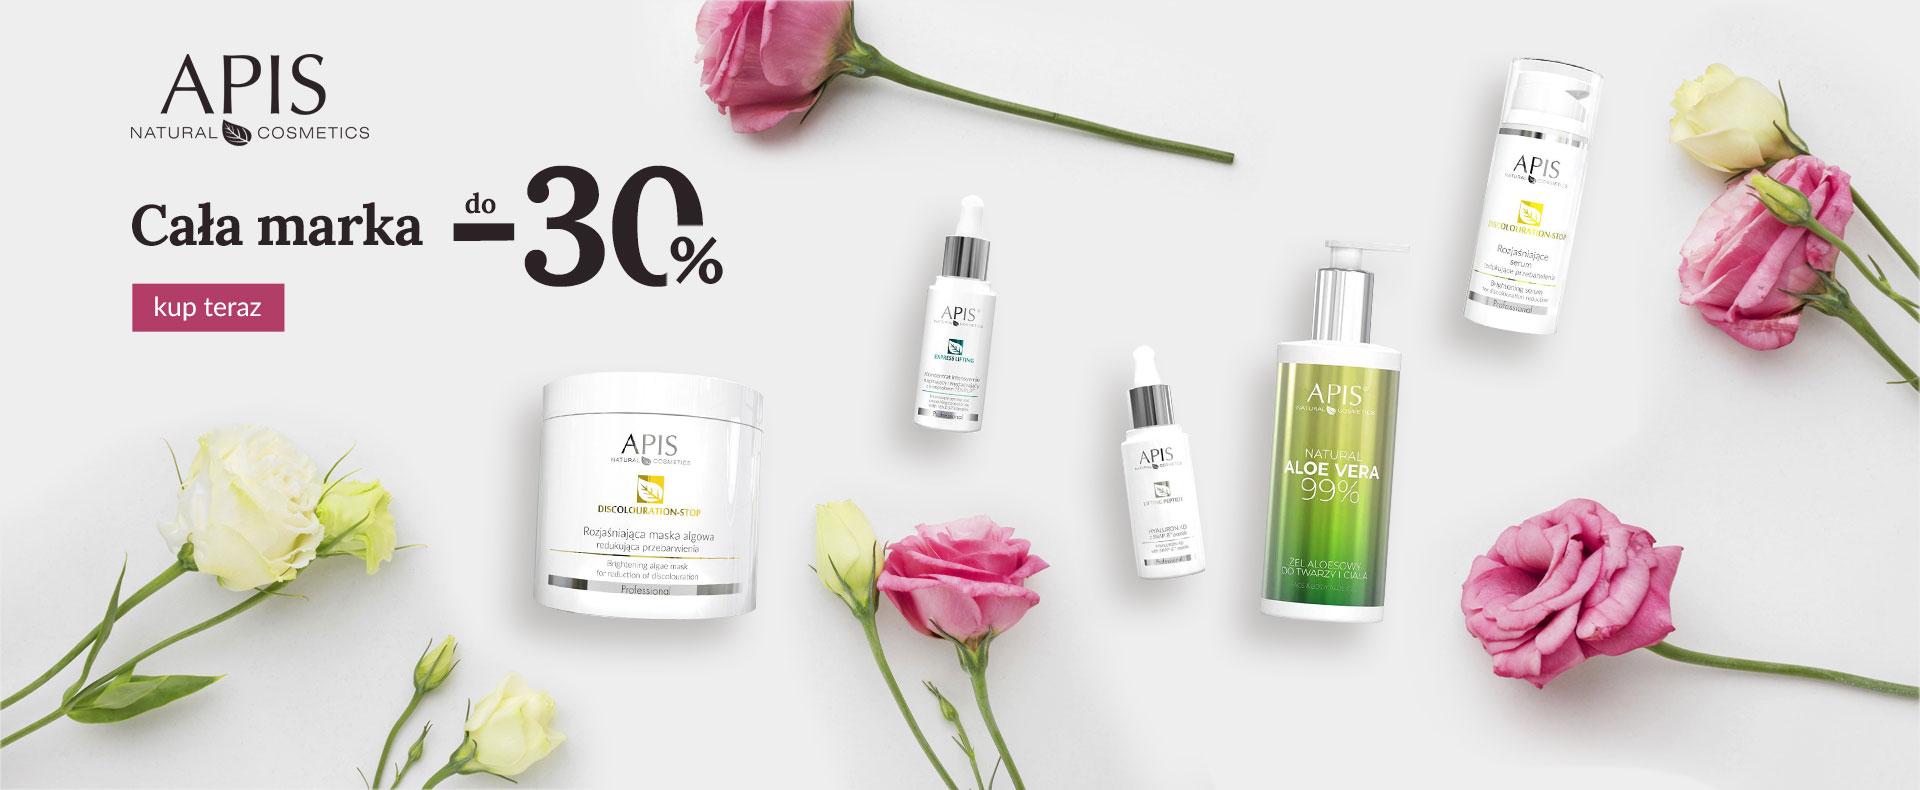 Ezebra: do 30% zniżki na kosmetyki marki Apis